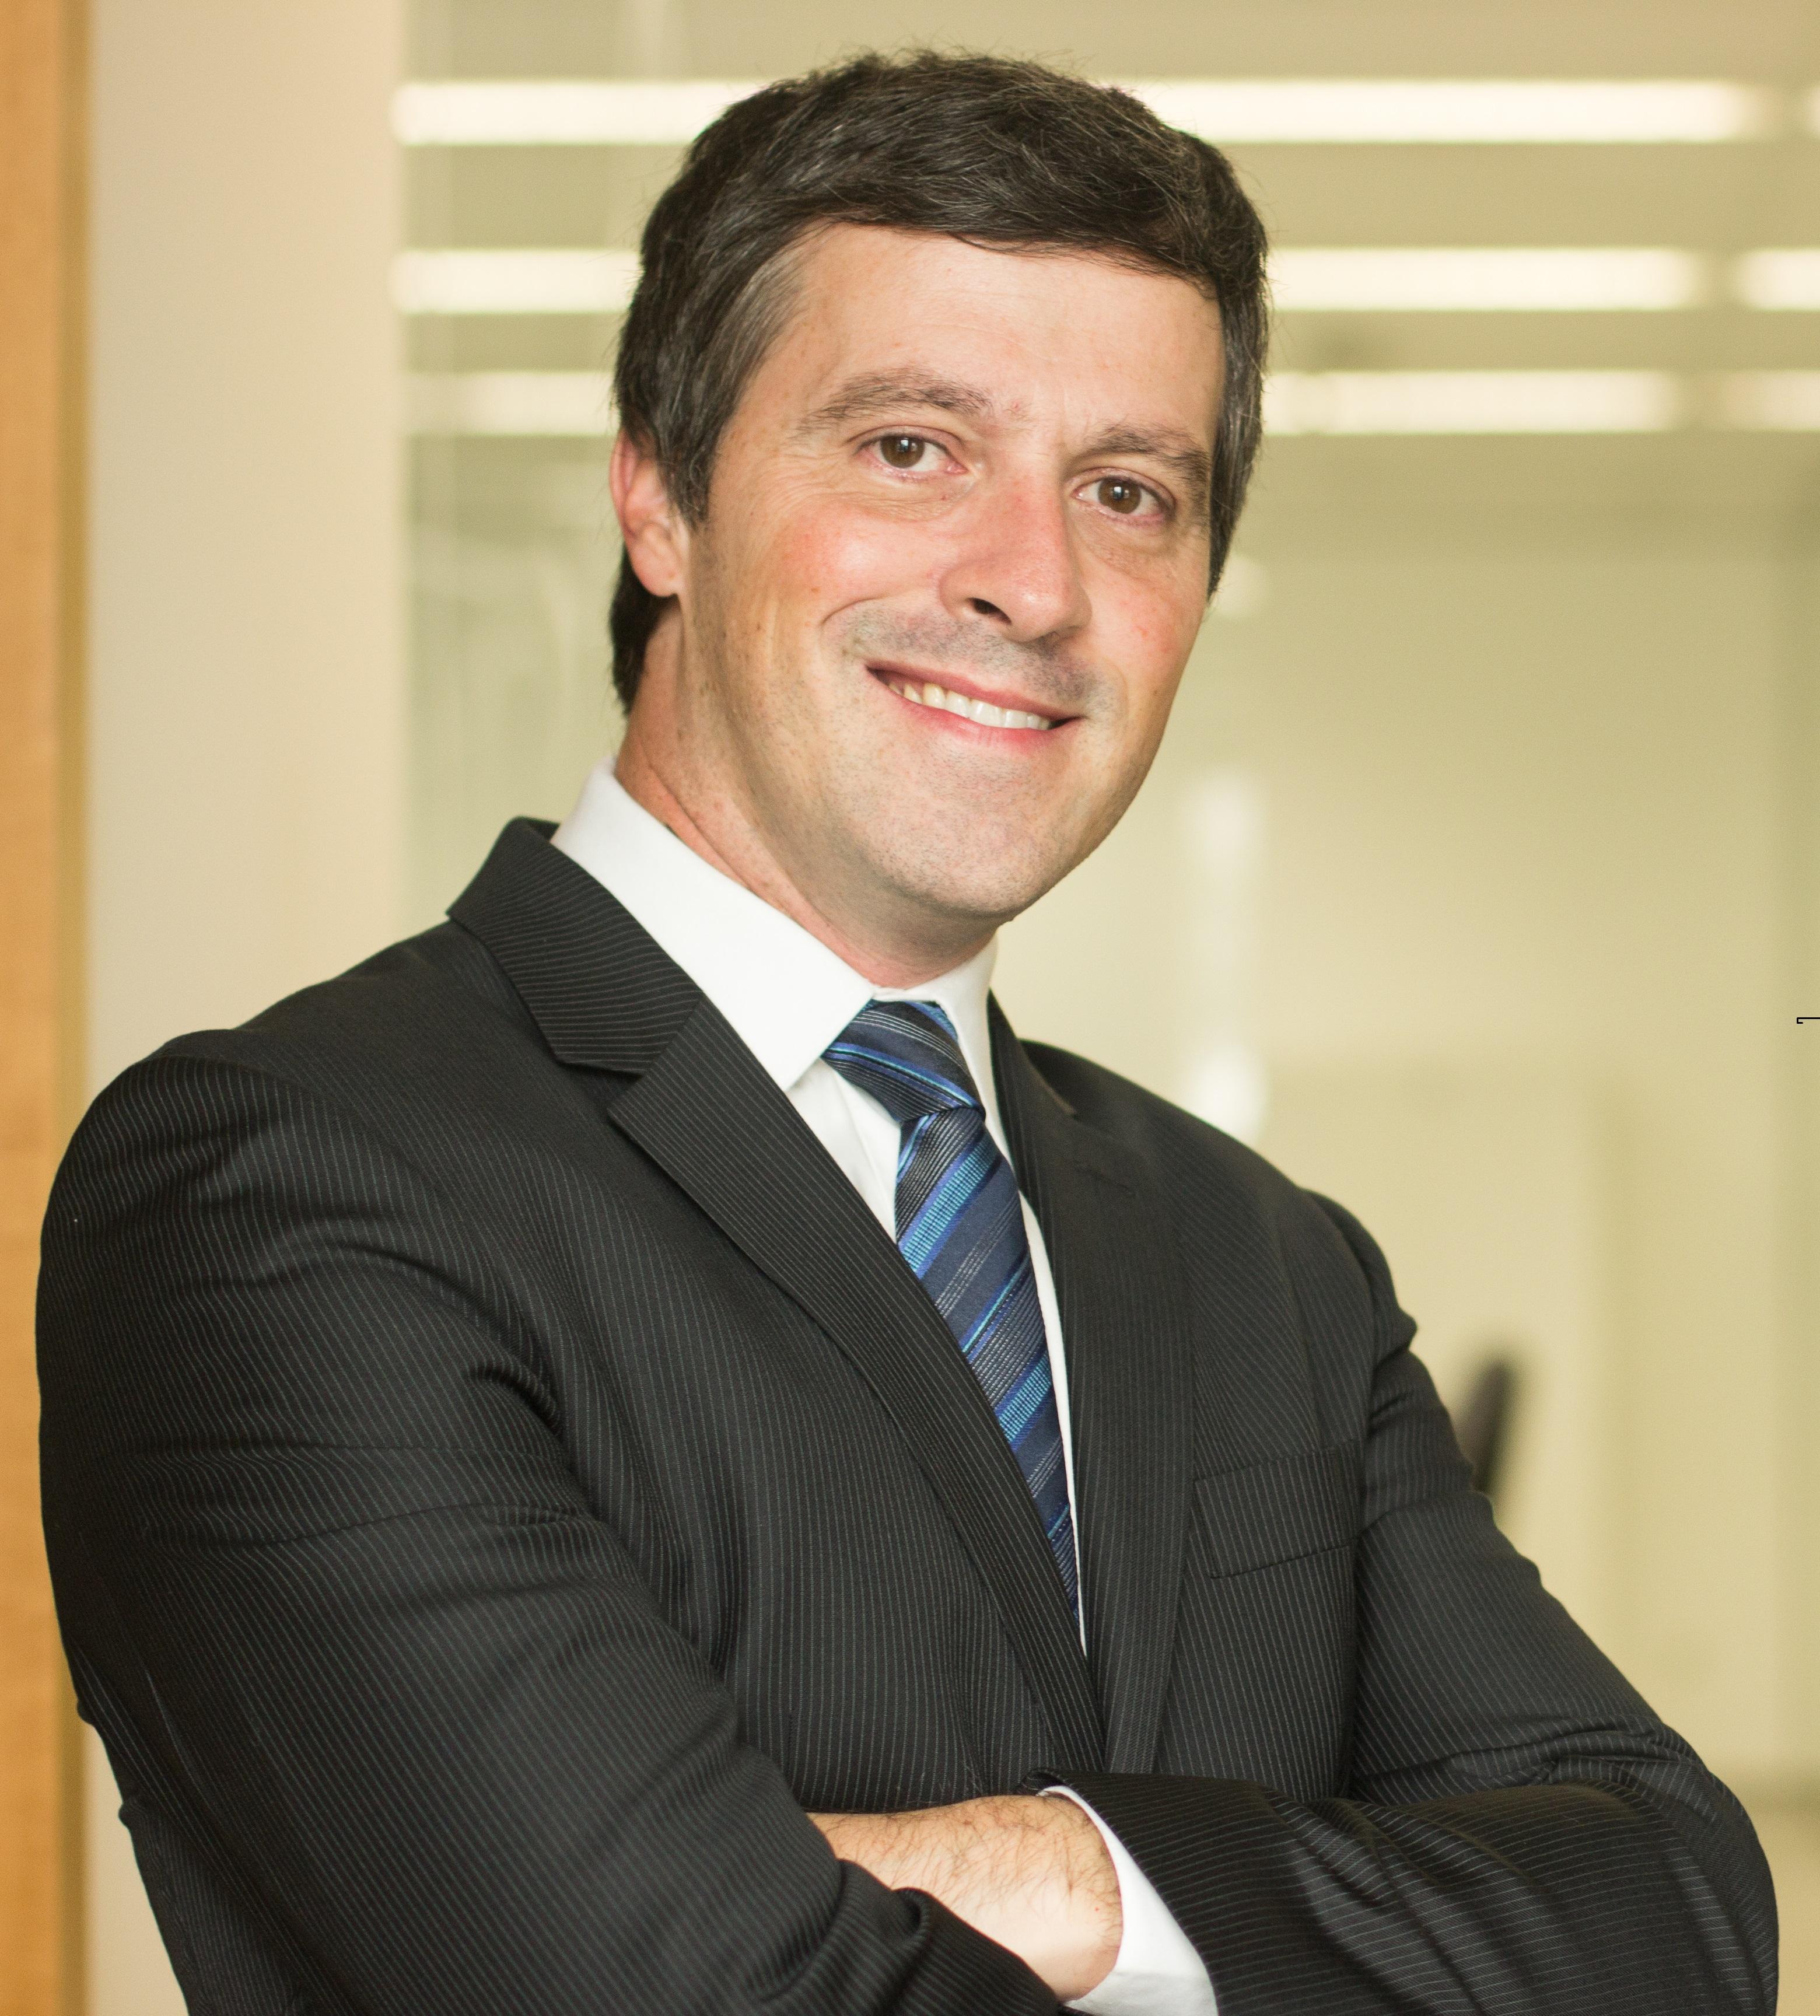 Roberto de Carvalho, Presidente da Dynatrace no Brasil